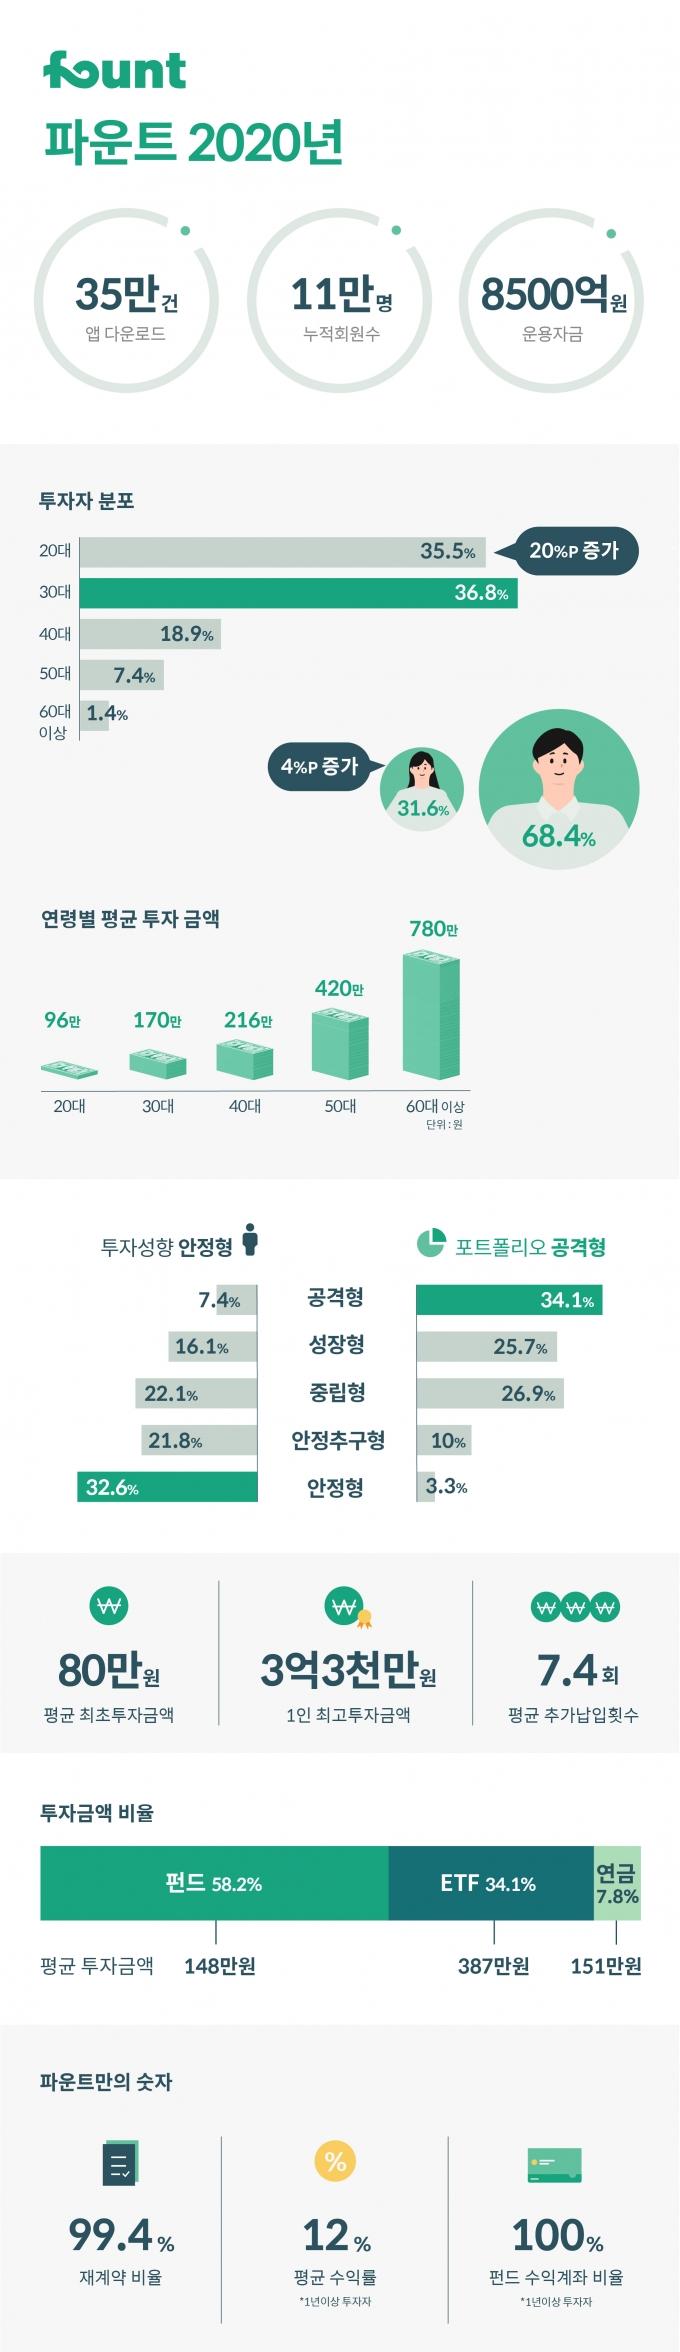 '평균 수익률 12%' AI투자 파운트, '2030 여心' 사로잡았다